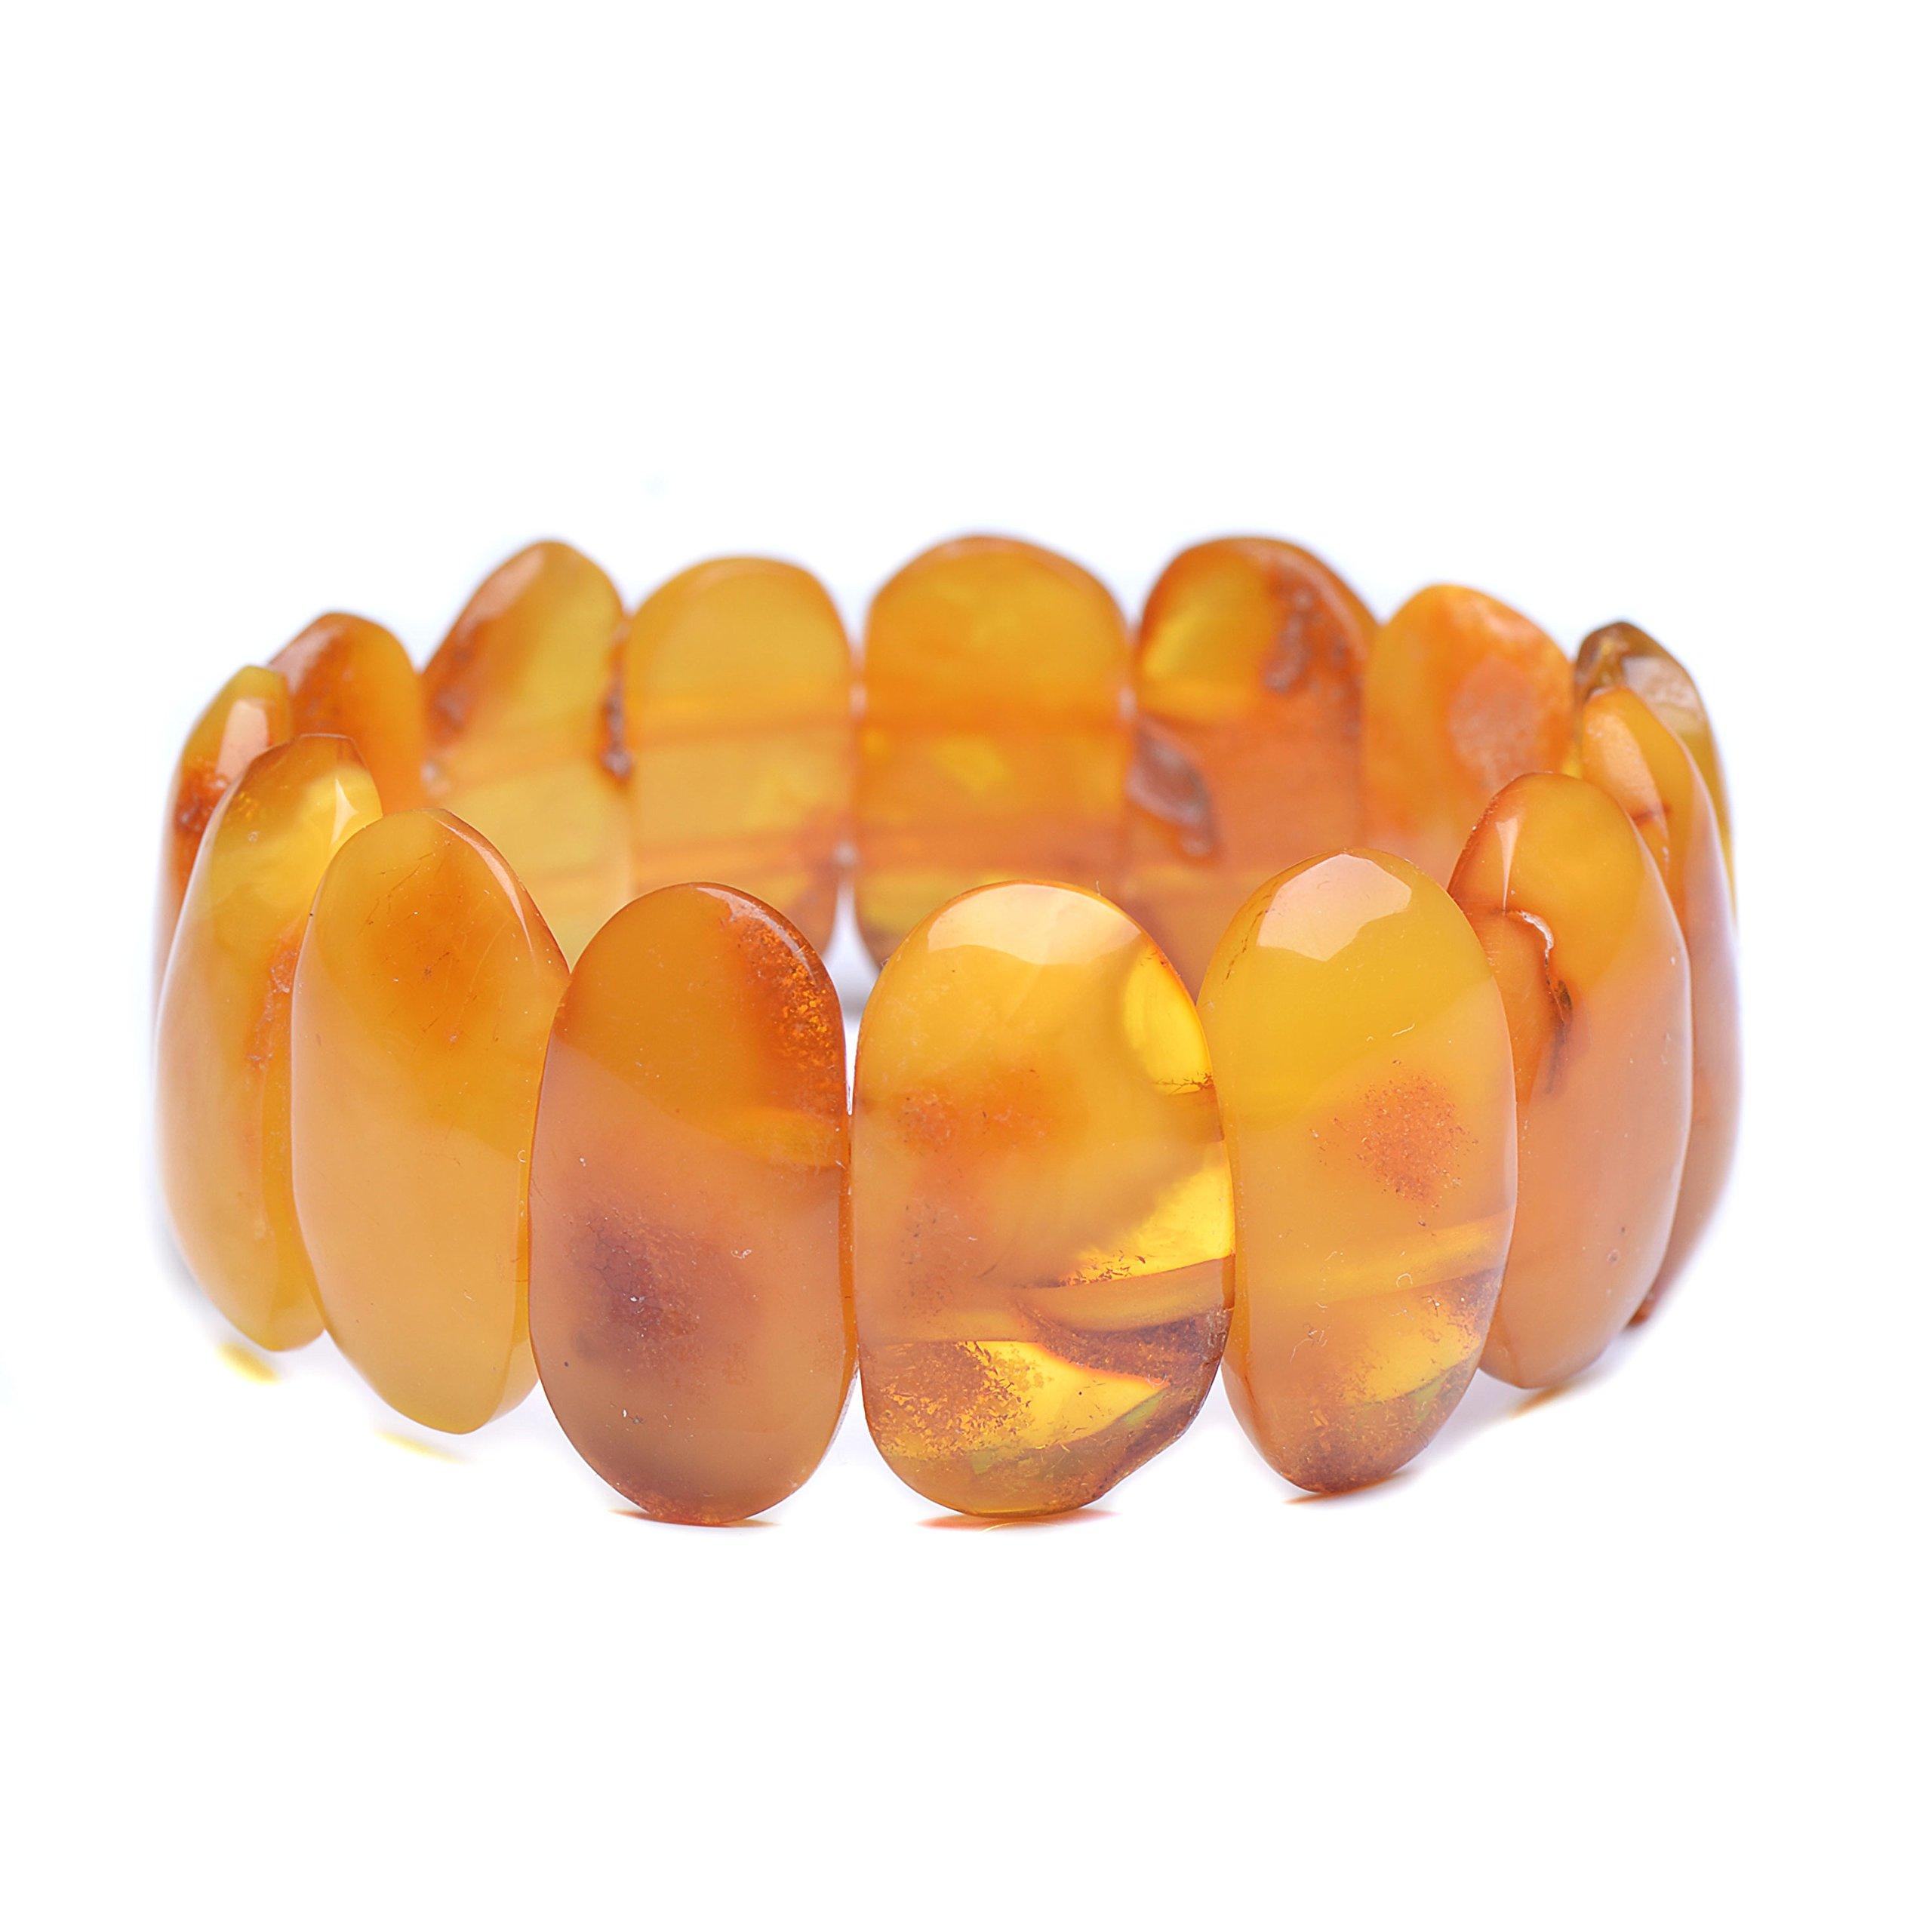 Vintage Amber Bracelet - Unique Amber Bracelet - Certified Handmade Amber Bracelet - Genuine Amber Bracelet (7.5 inches, Butterscotch) by Genuine Amber